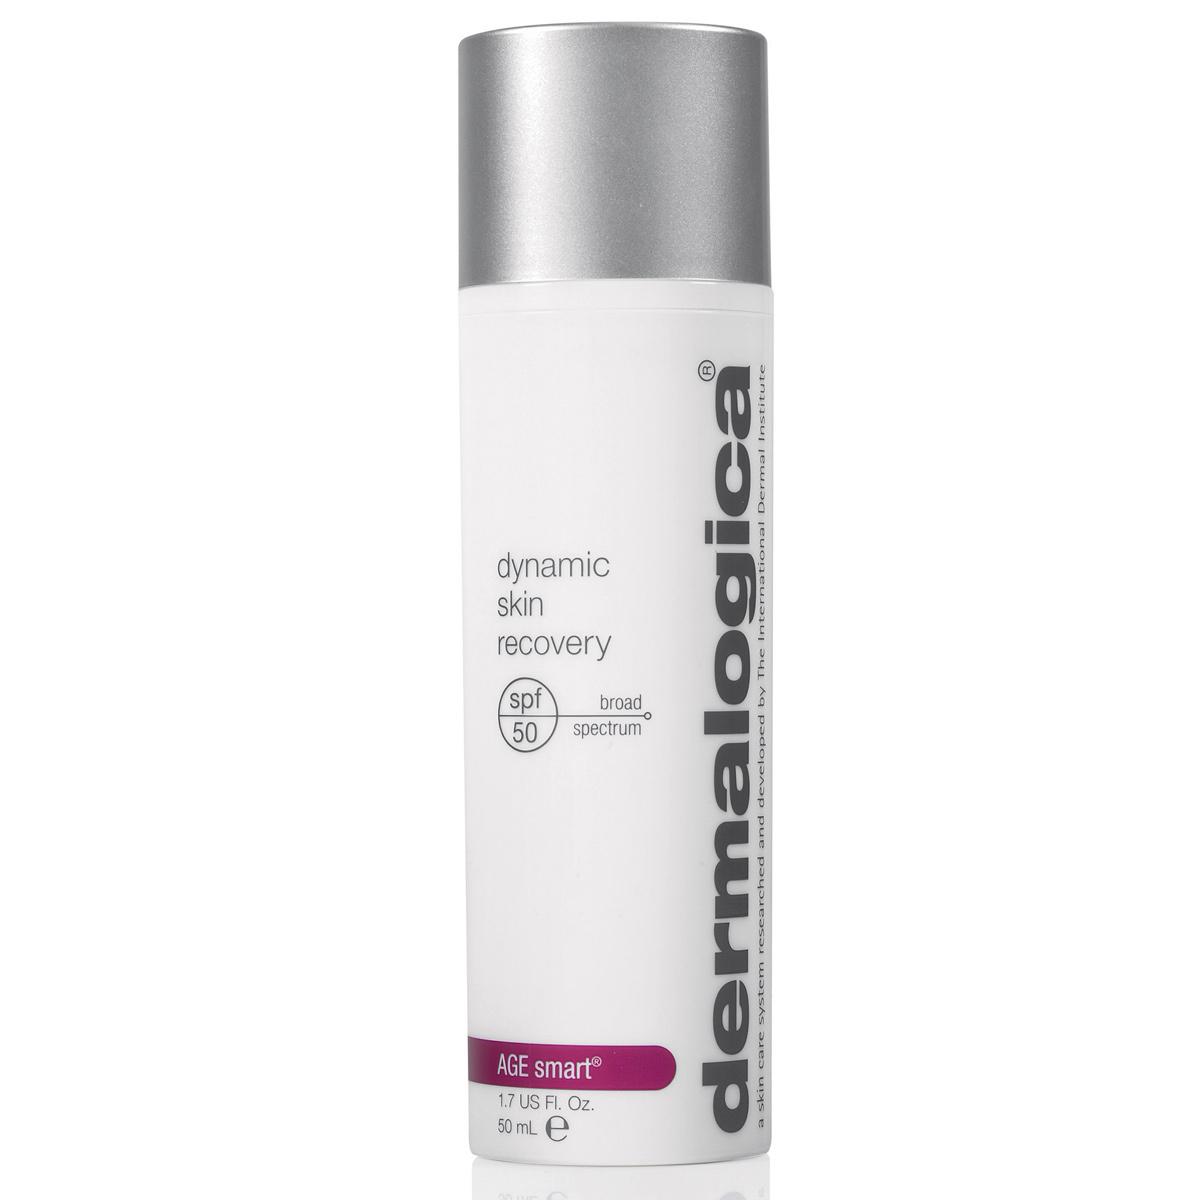 Dynamic Skin Recovery 50+ de Dermalogica